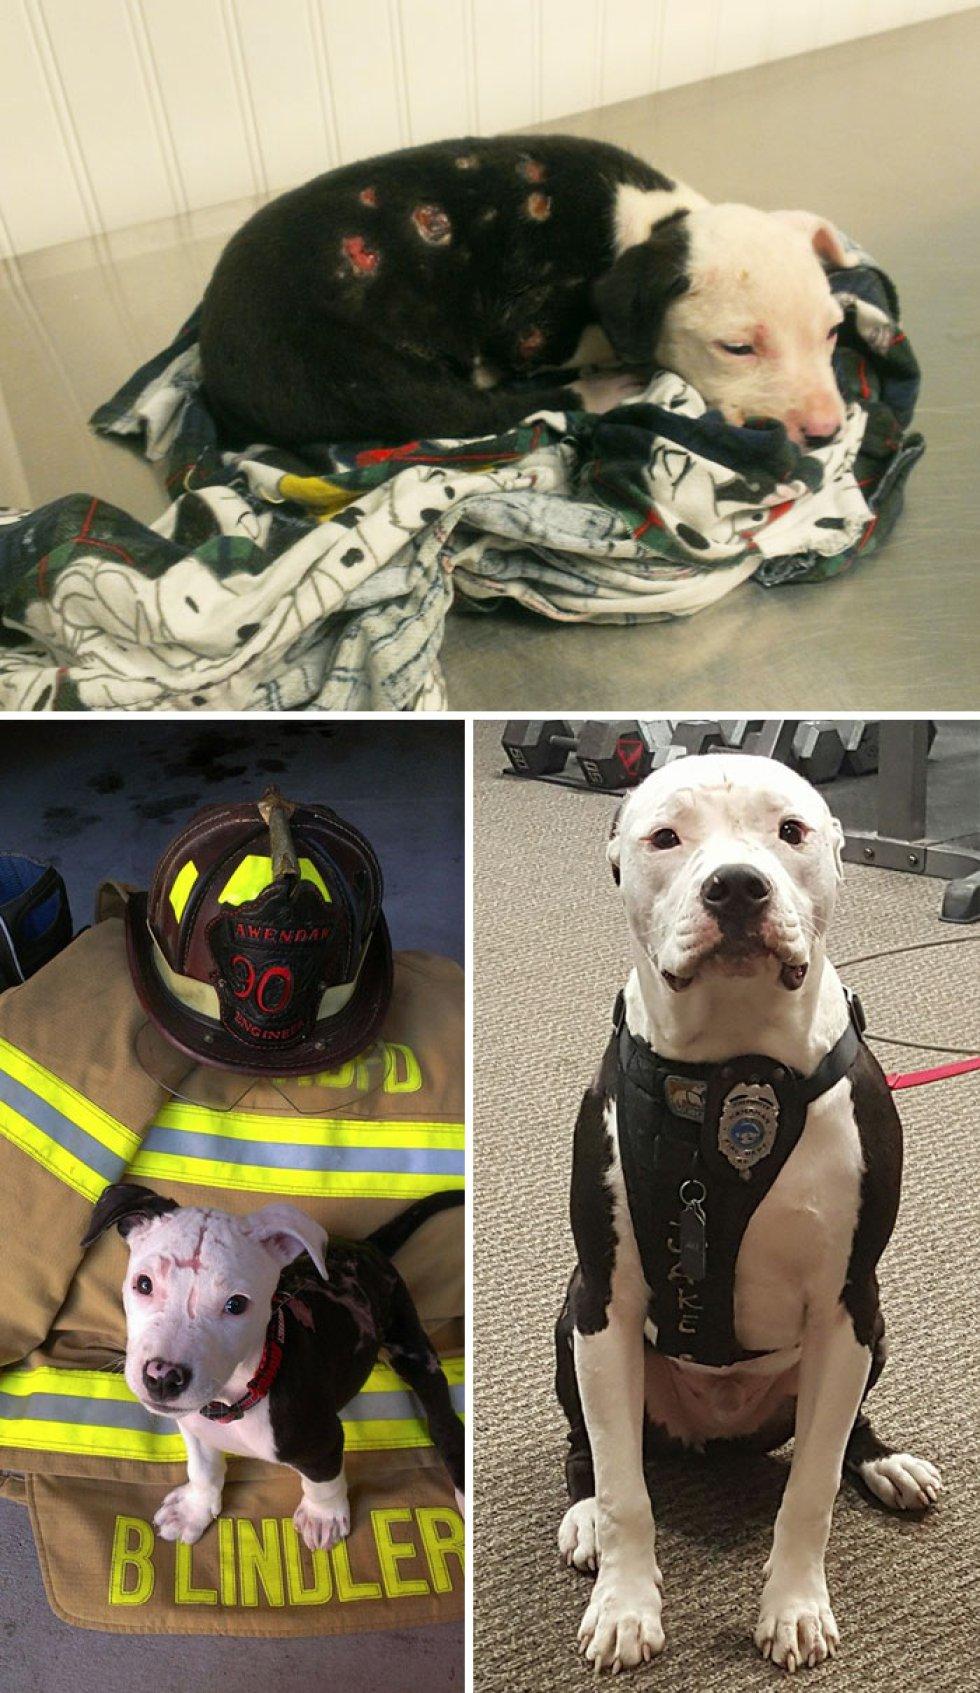 Un incendio le dejó quemaduras a 75% de su cuerpo. Un bombero lo adoptó y lo hizo uno más del equipo